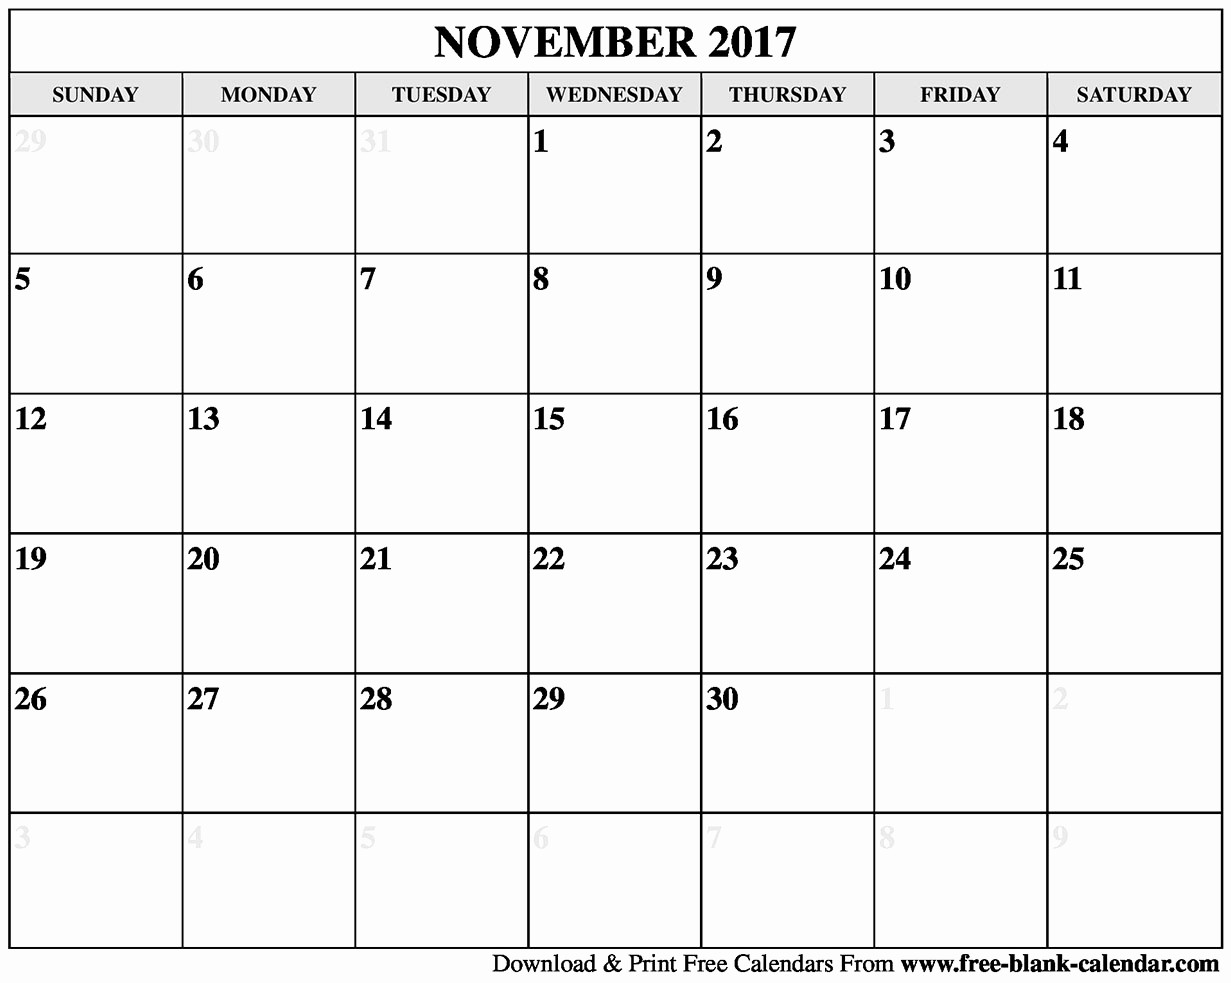 Blank November 2017 Calendar Template Unique Blank November 2017 Calendar Printable